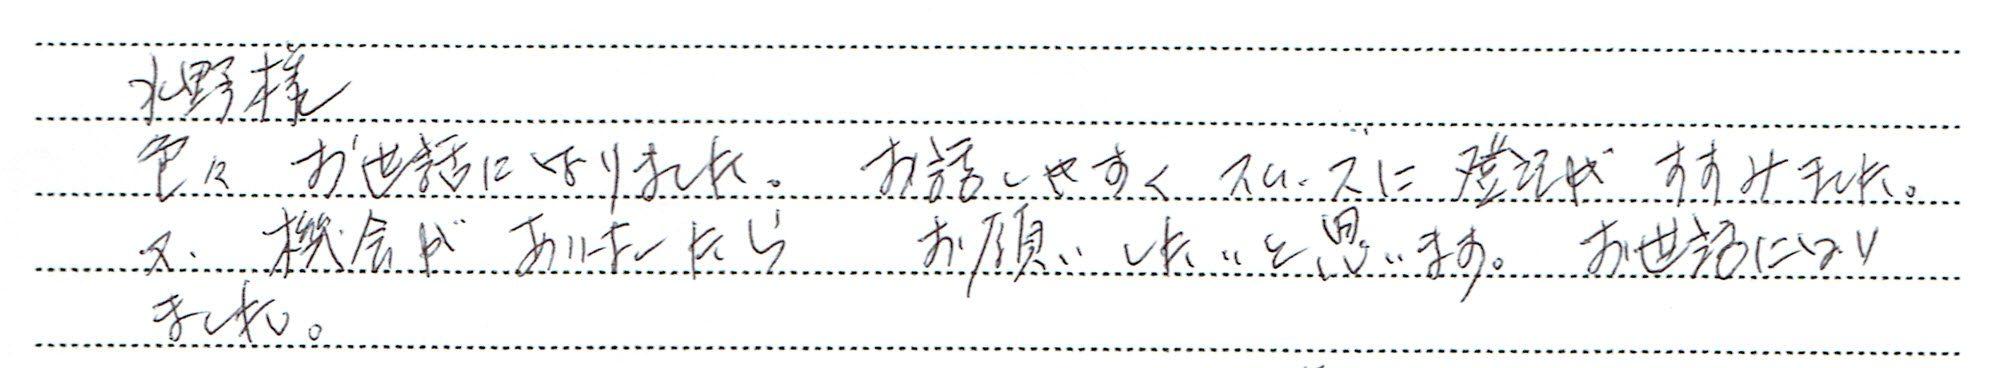 神奈川県相模原市 H様